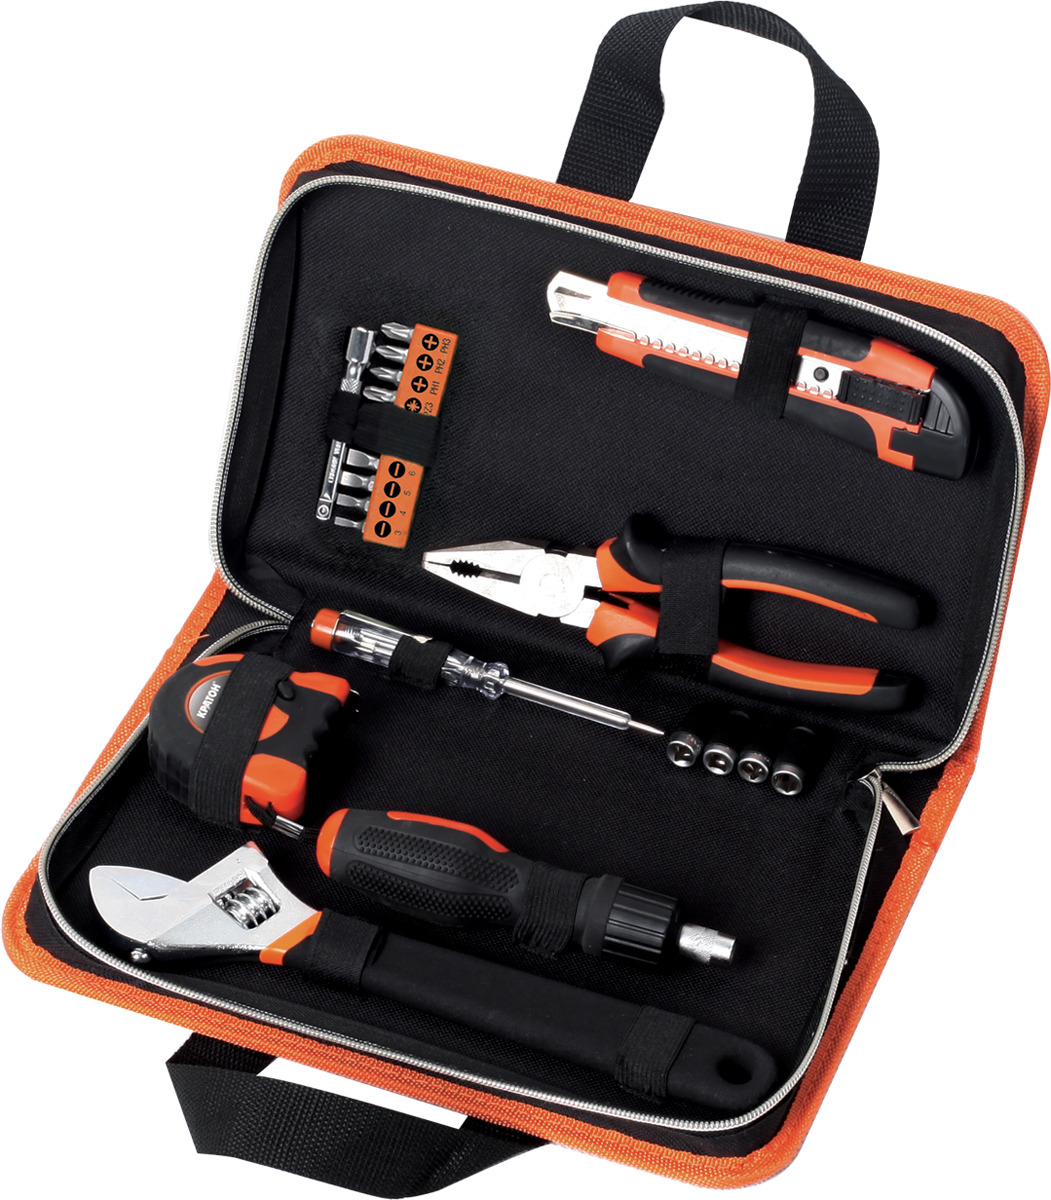 Набор инструментов домашнего мастера Кратон HMS-03/20 набор инструментов archimedes набор домашнего мастера 113 шт